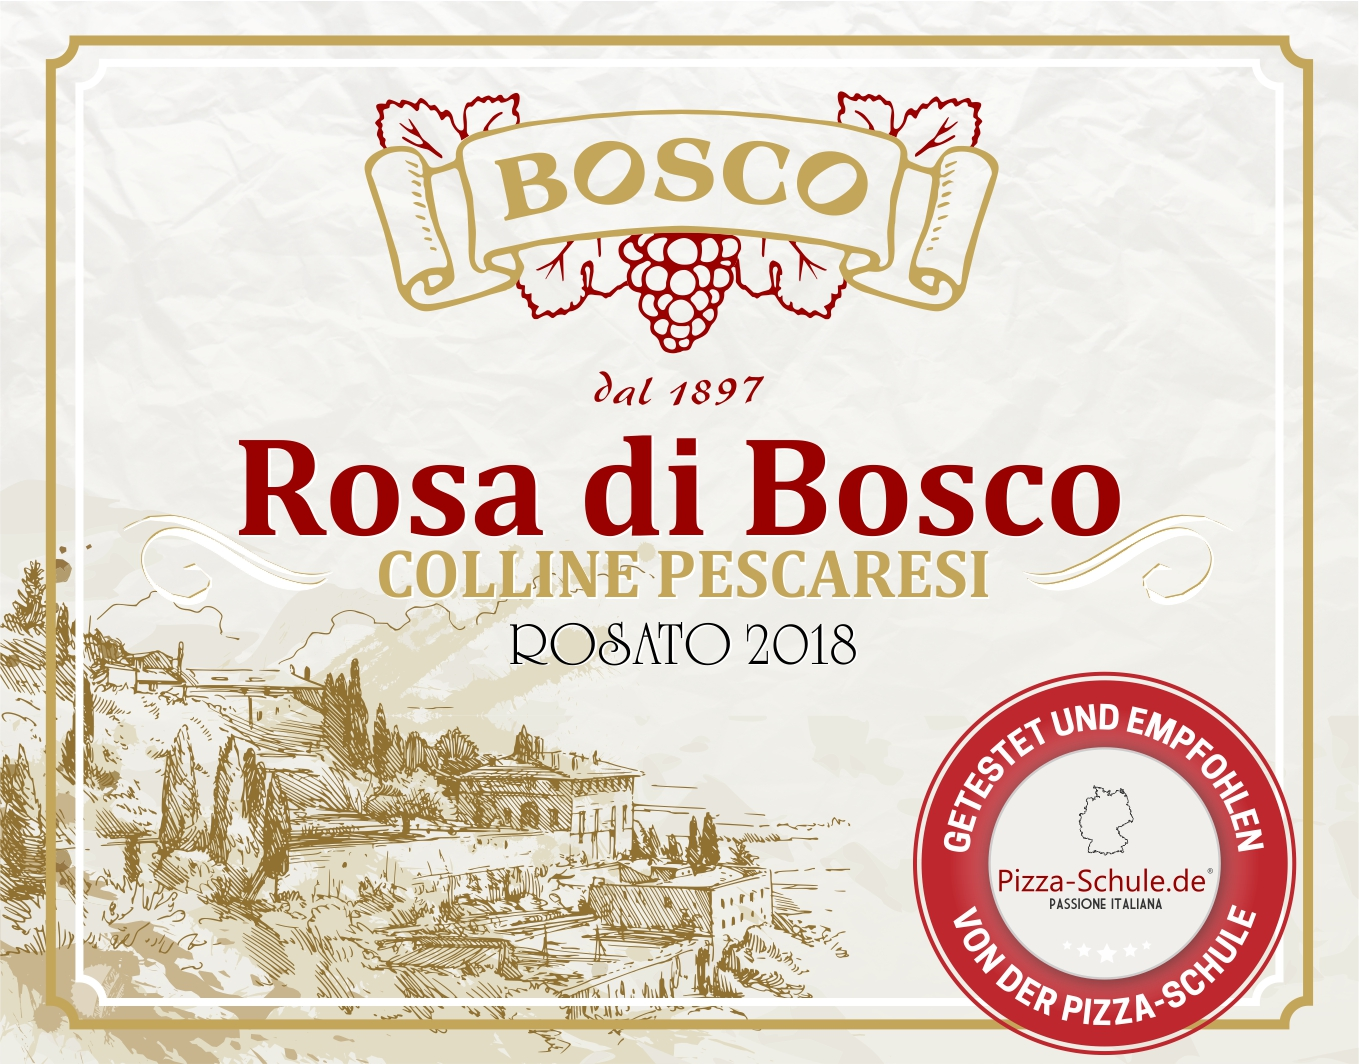 Rosa di Bosco - Rosato 2018 - Pizza-Schule